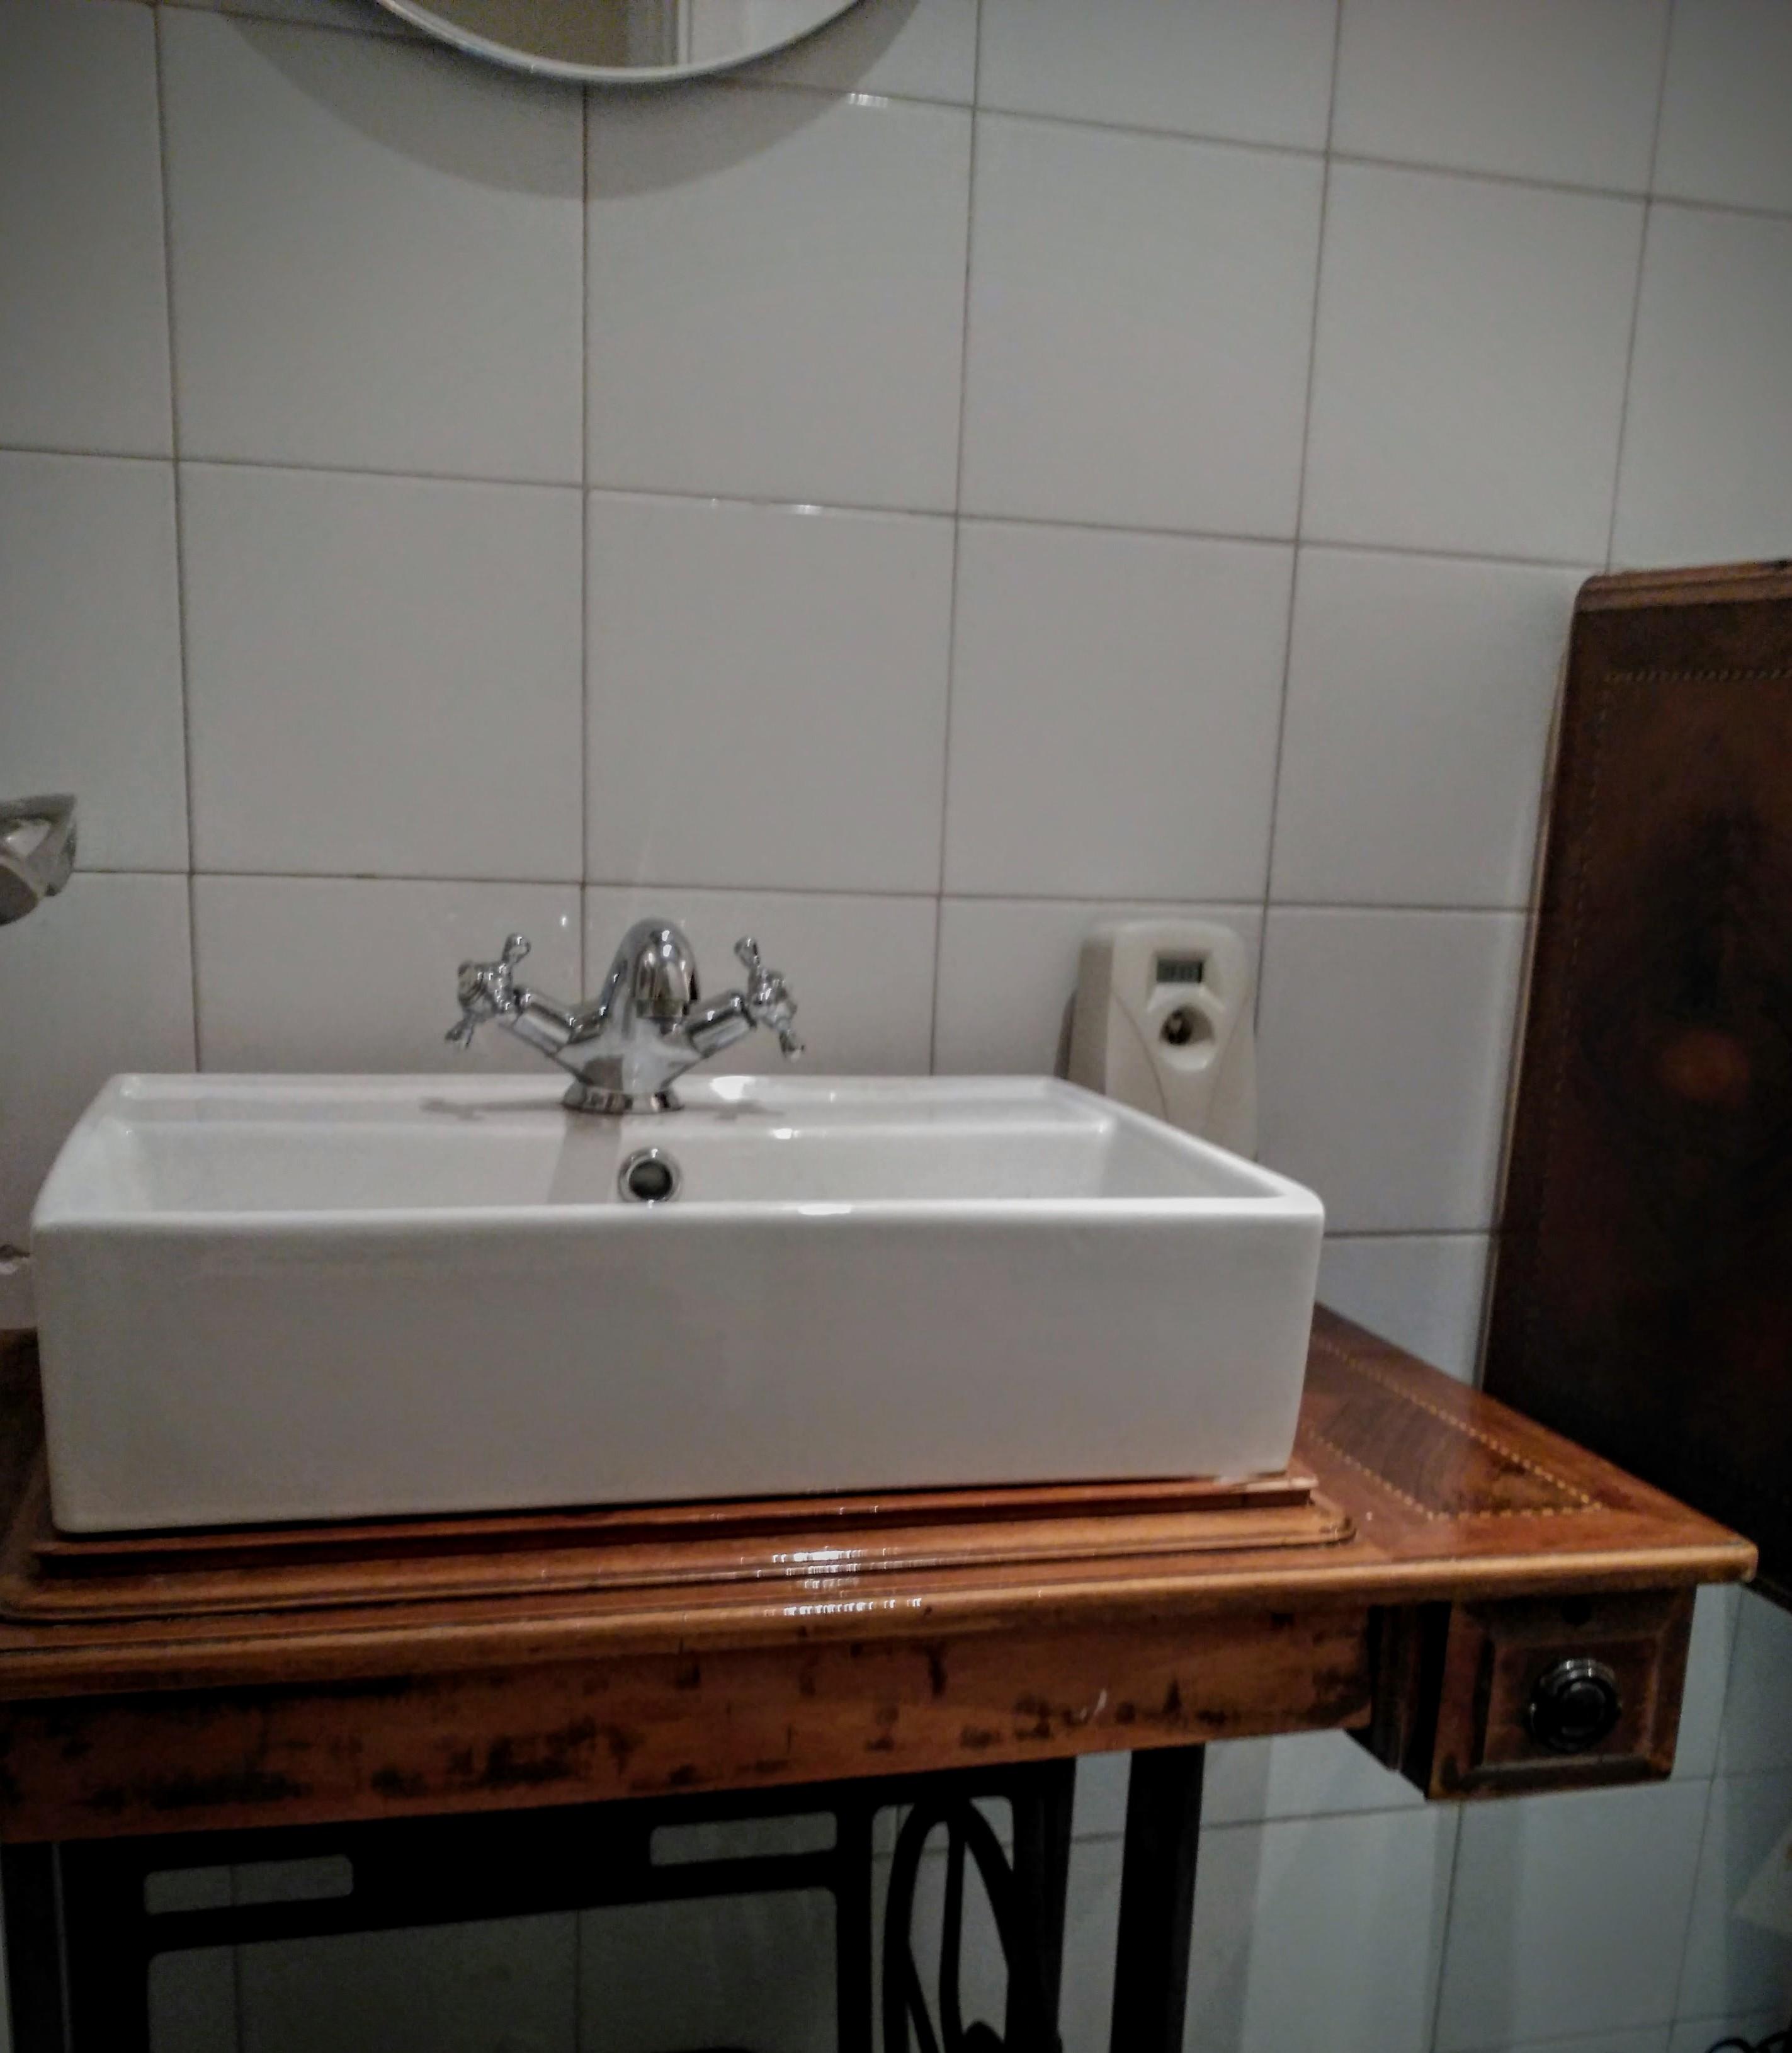 Detalle mueble del lavabo, aseo hombres de Visconti. Inma Gregori 2015.